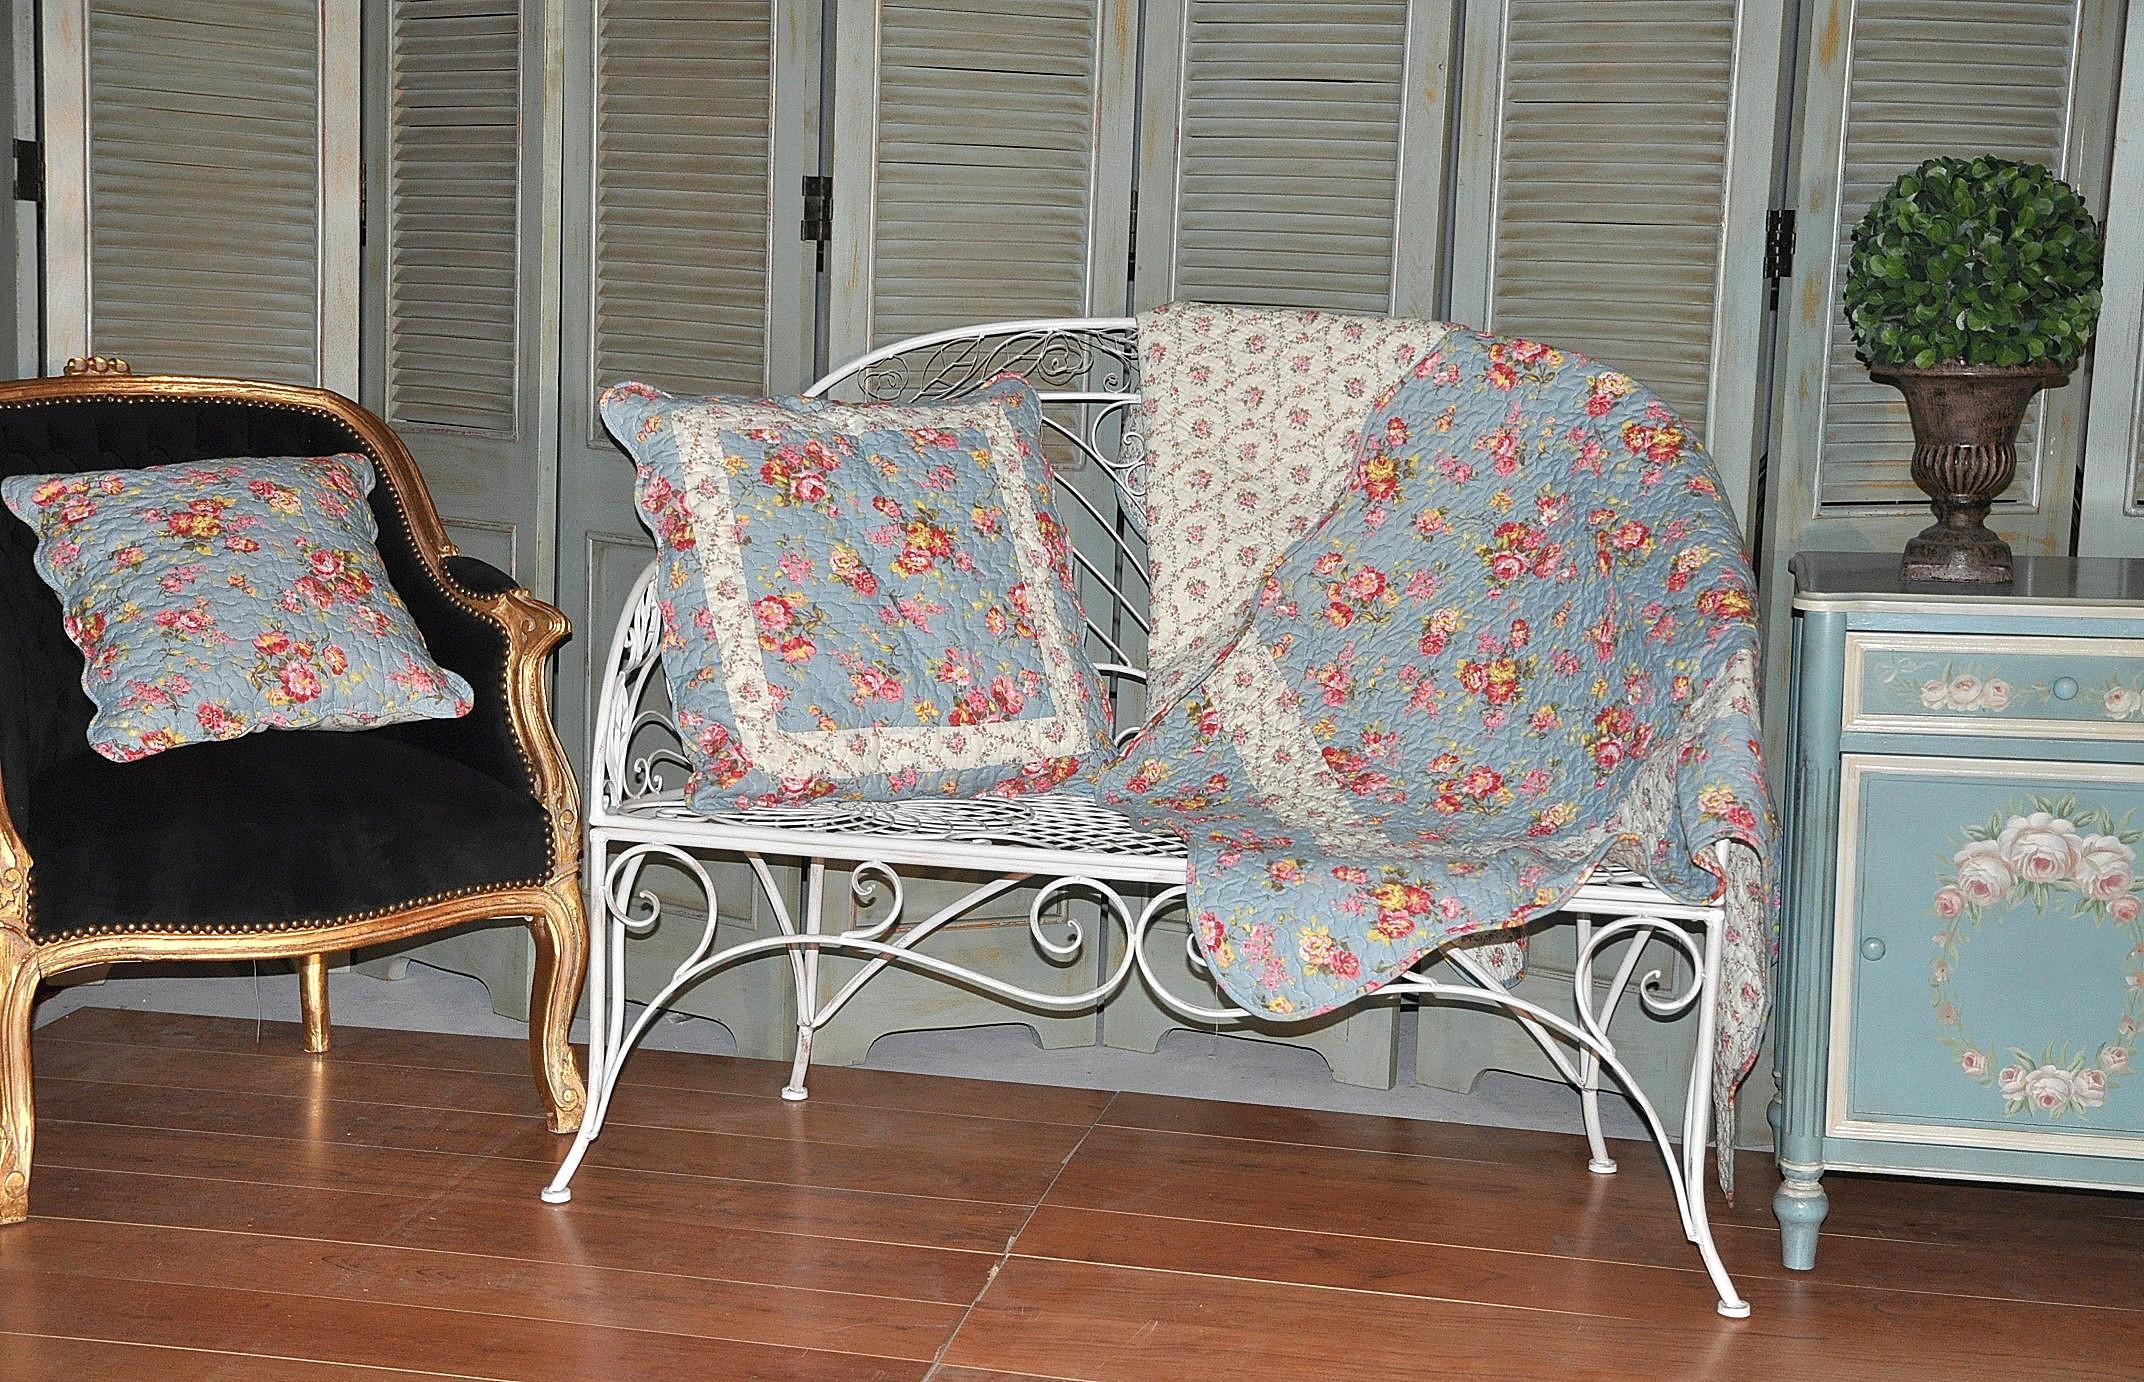 jet de canap en boutis bleu roses anglaises demeure et jardin. Black Bedroom Furniture Sets. Home Design Ideas